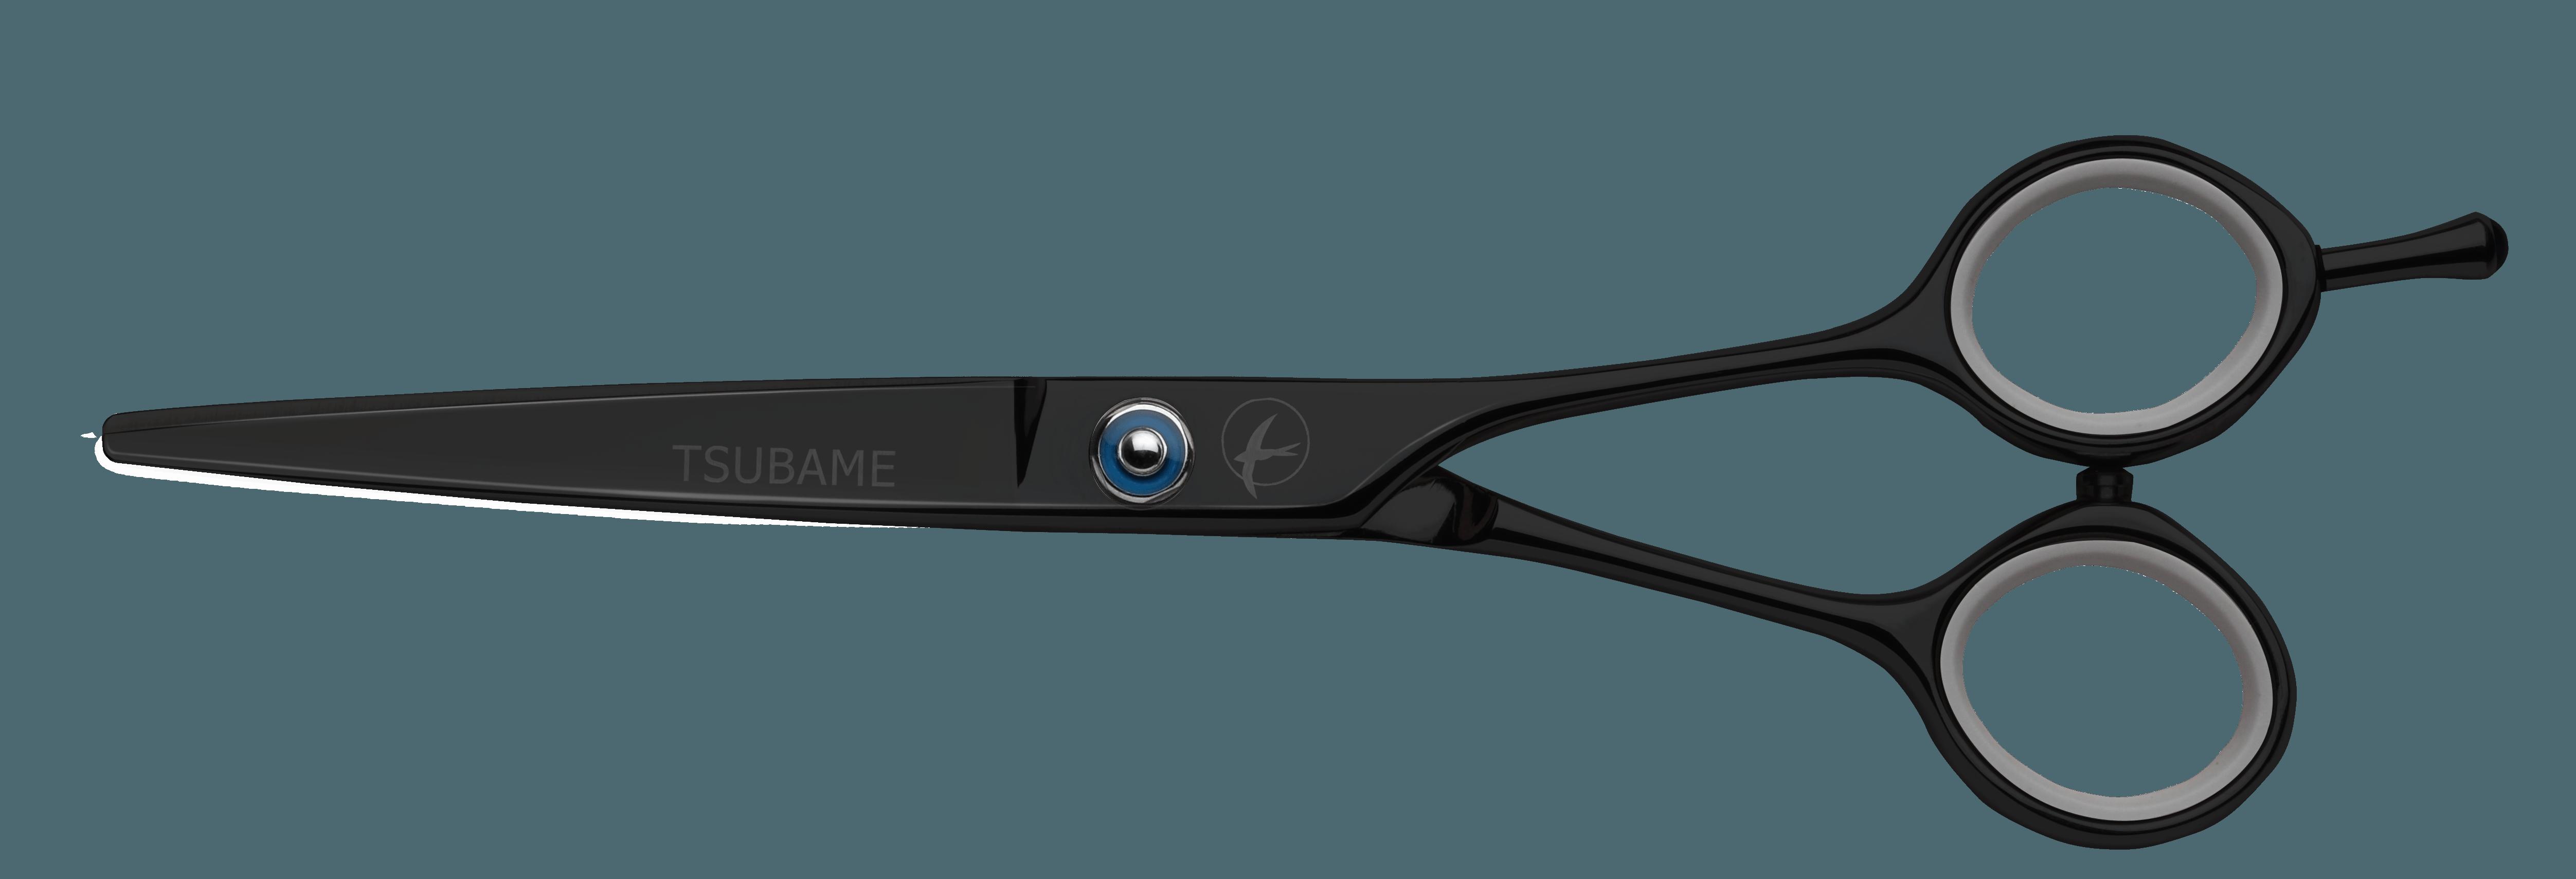 Clipart scissors cartoon. Barber explore pictures